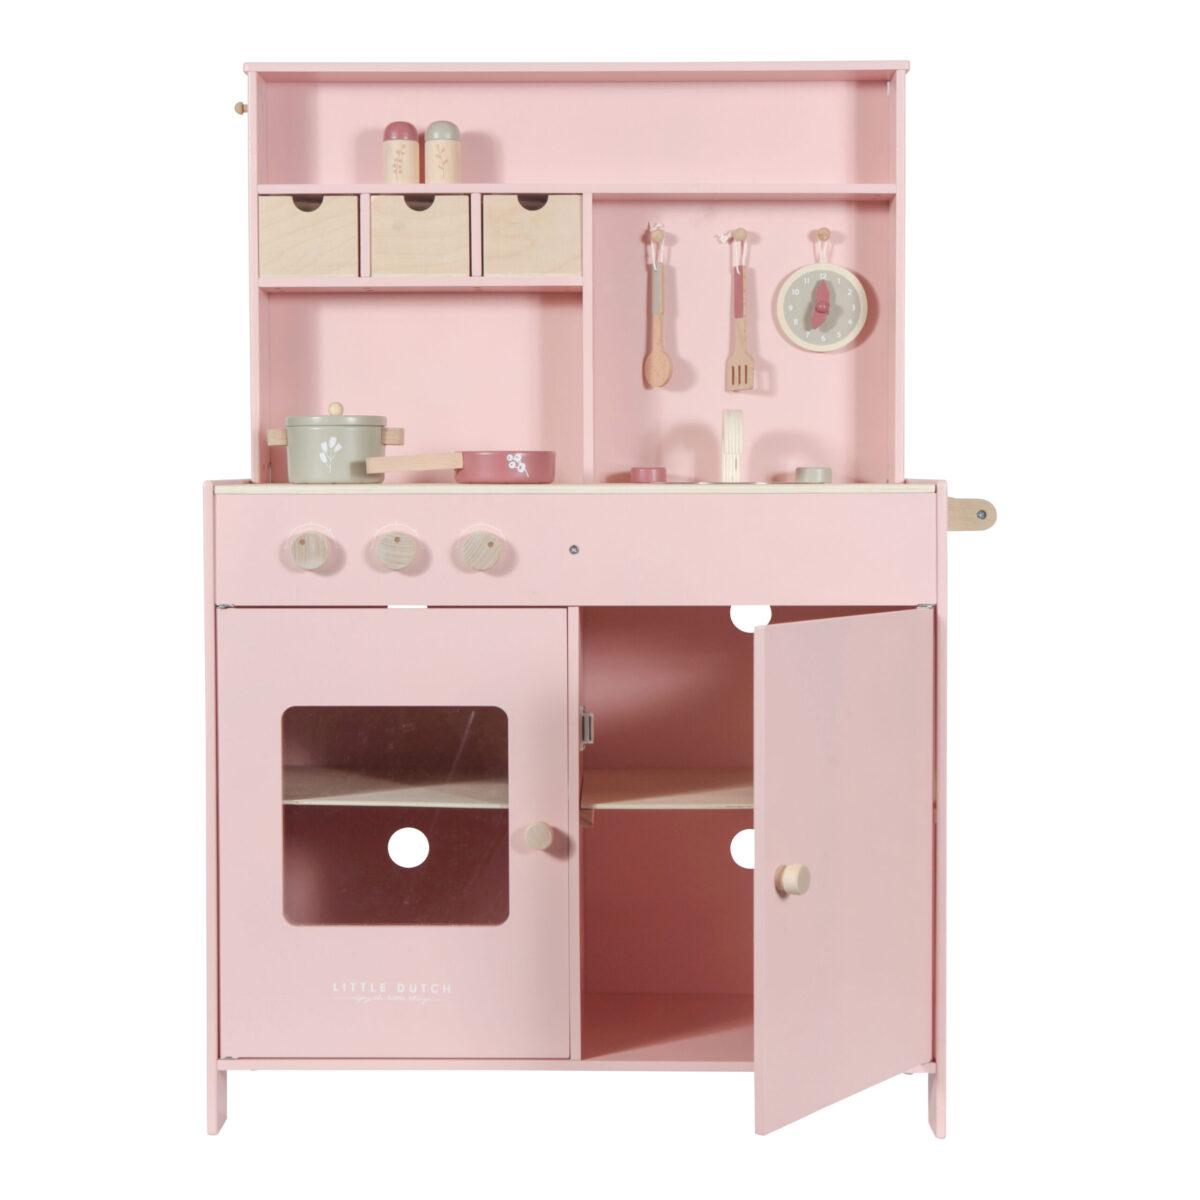 Cozinha | Rosa